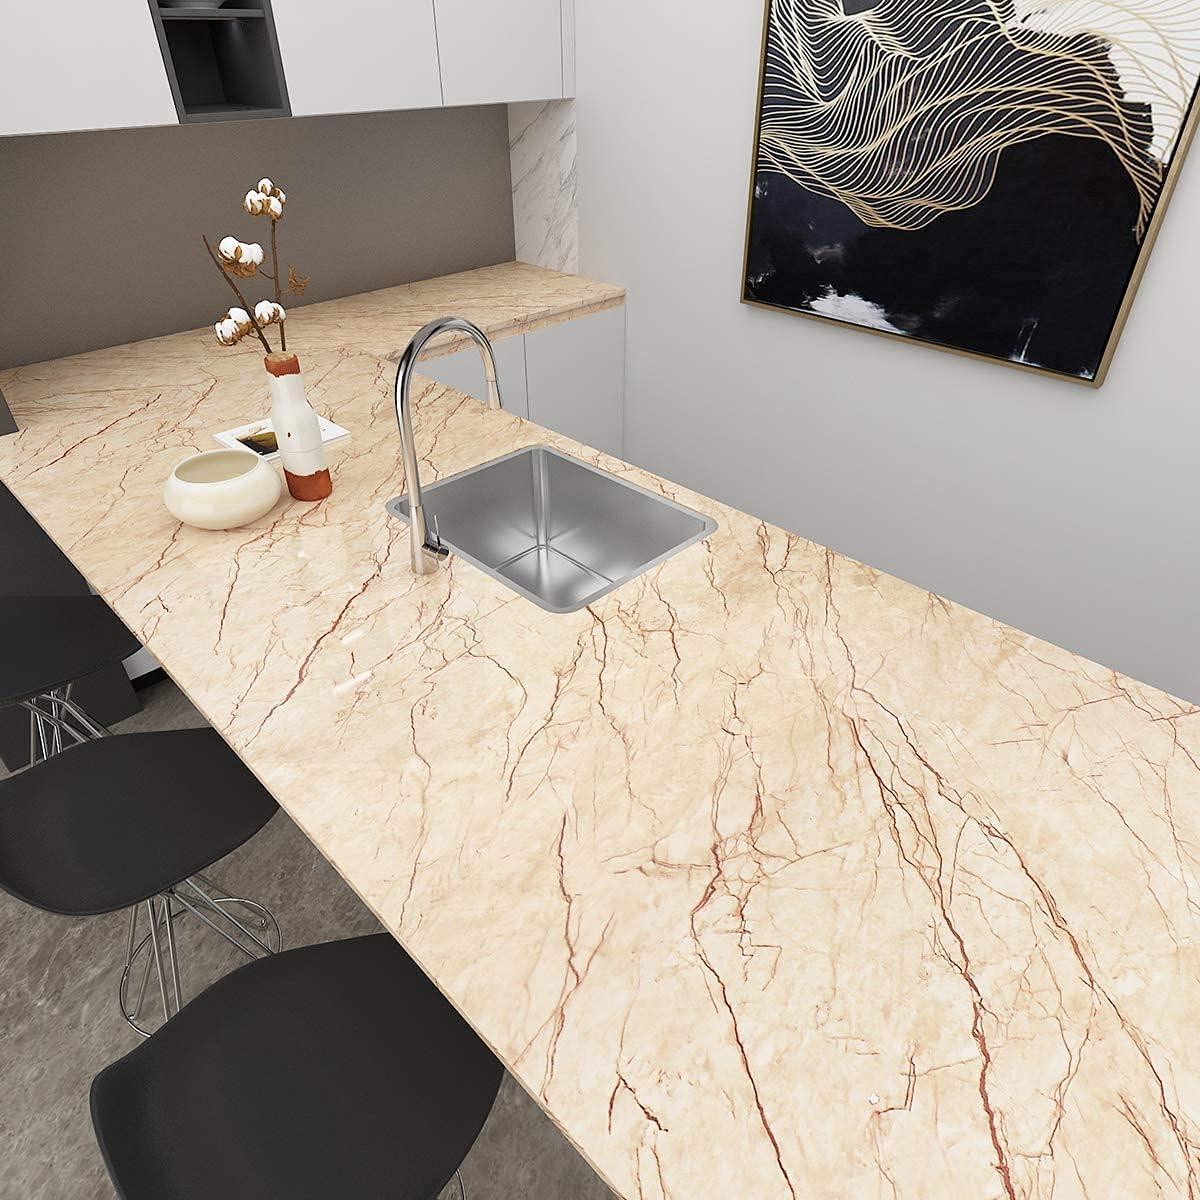 Buy Livelynine Vinyl Countertop Contact Paper Waterproof Marble ...